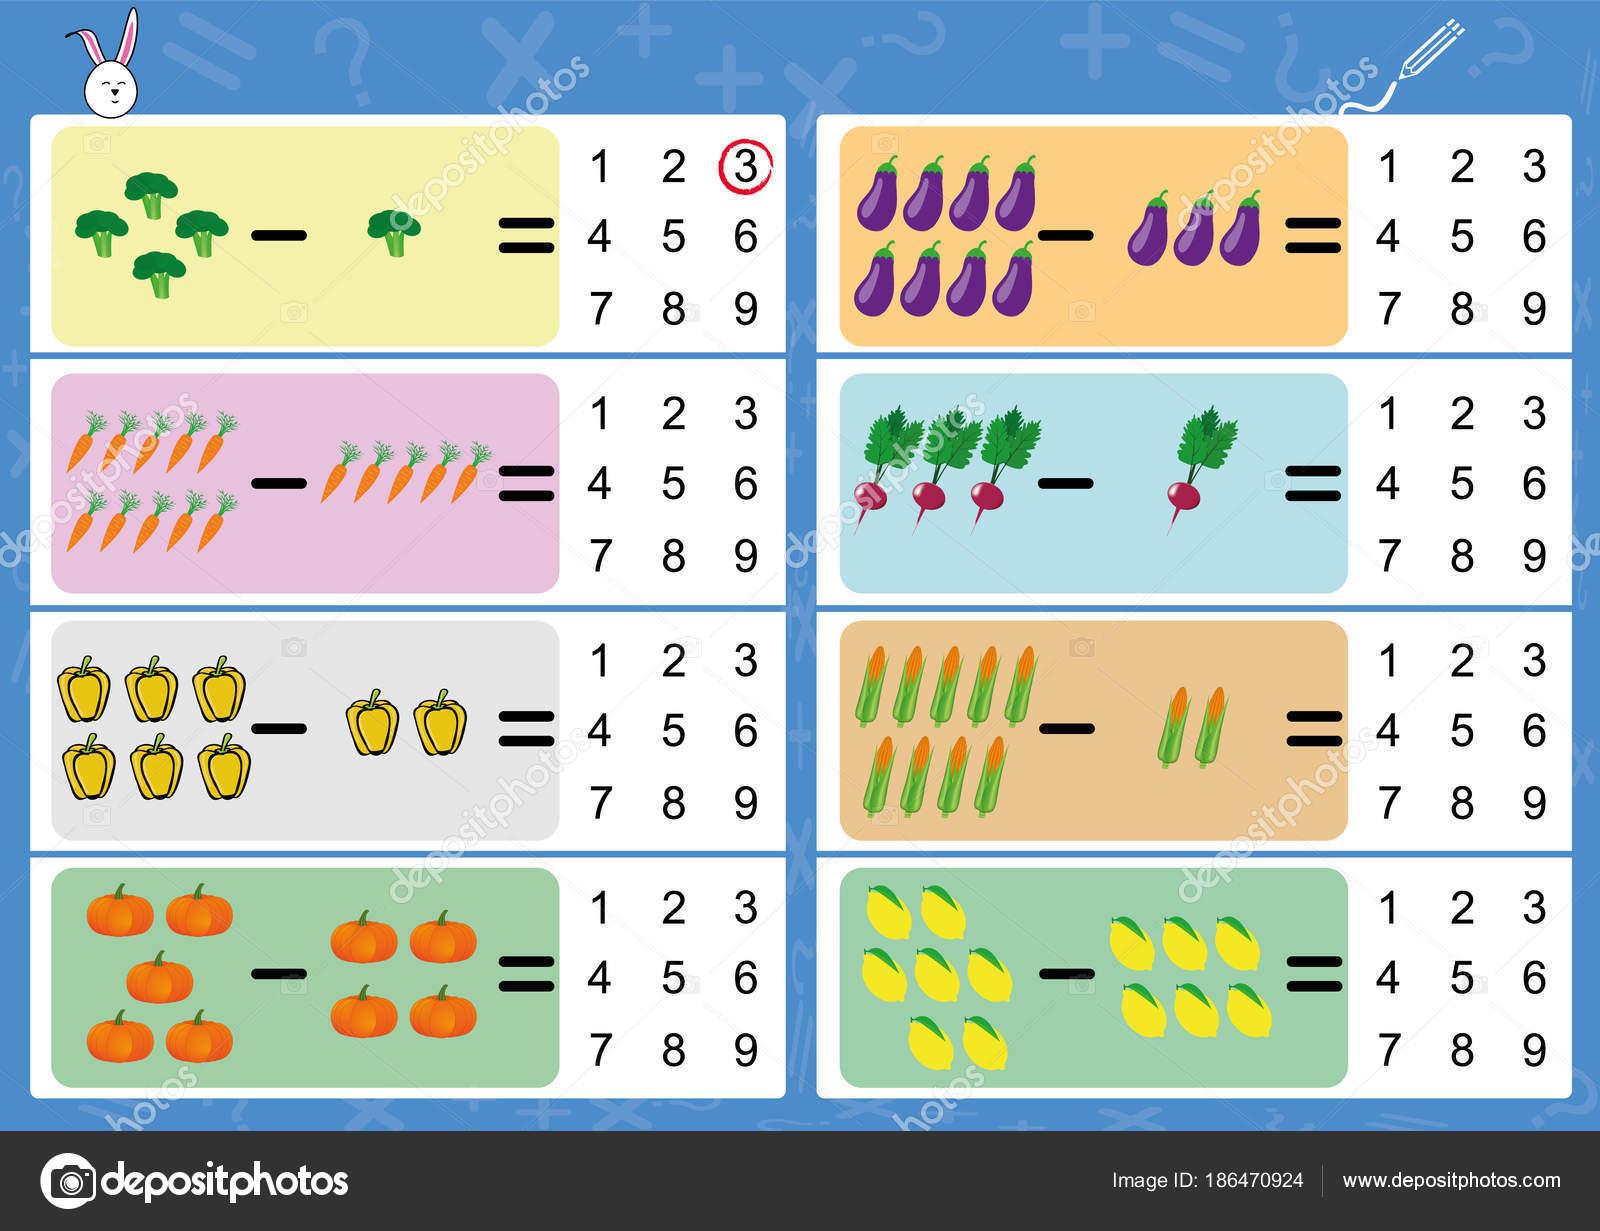 restar utilizando imágenes, hoja de trabajo de matemáticas para ...